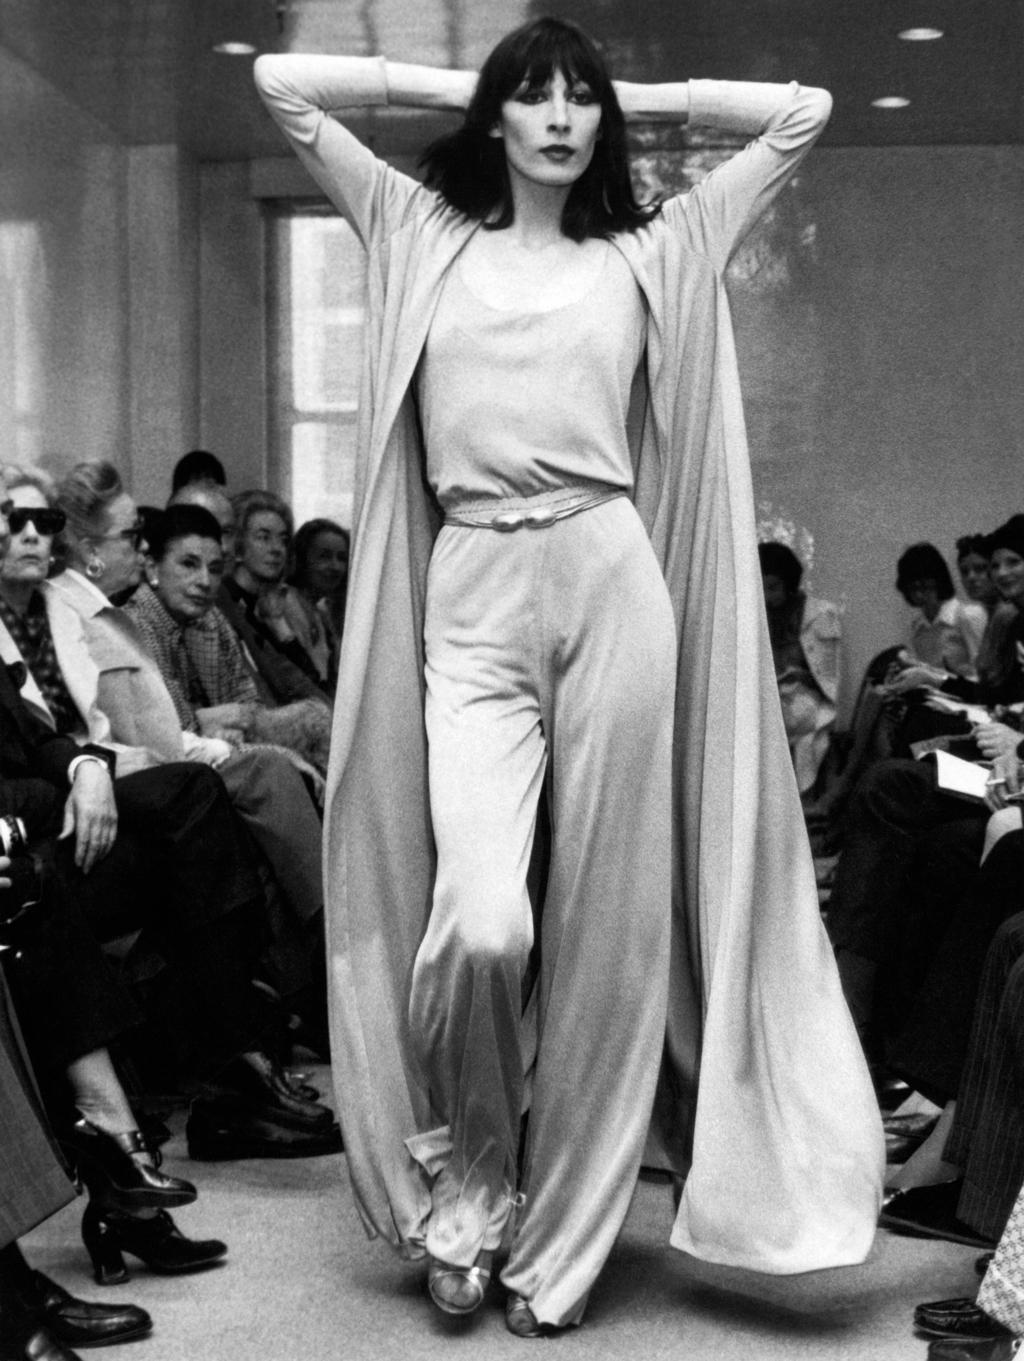 אנג'ליקה יוסטון מדגמנת בתצוגה של המעצב האופנה רוי הלסטון פנאי